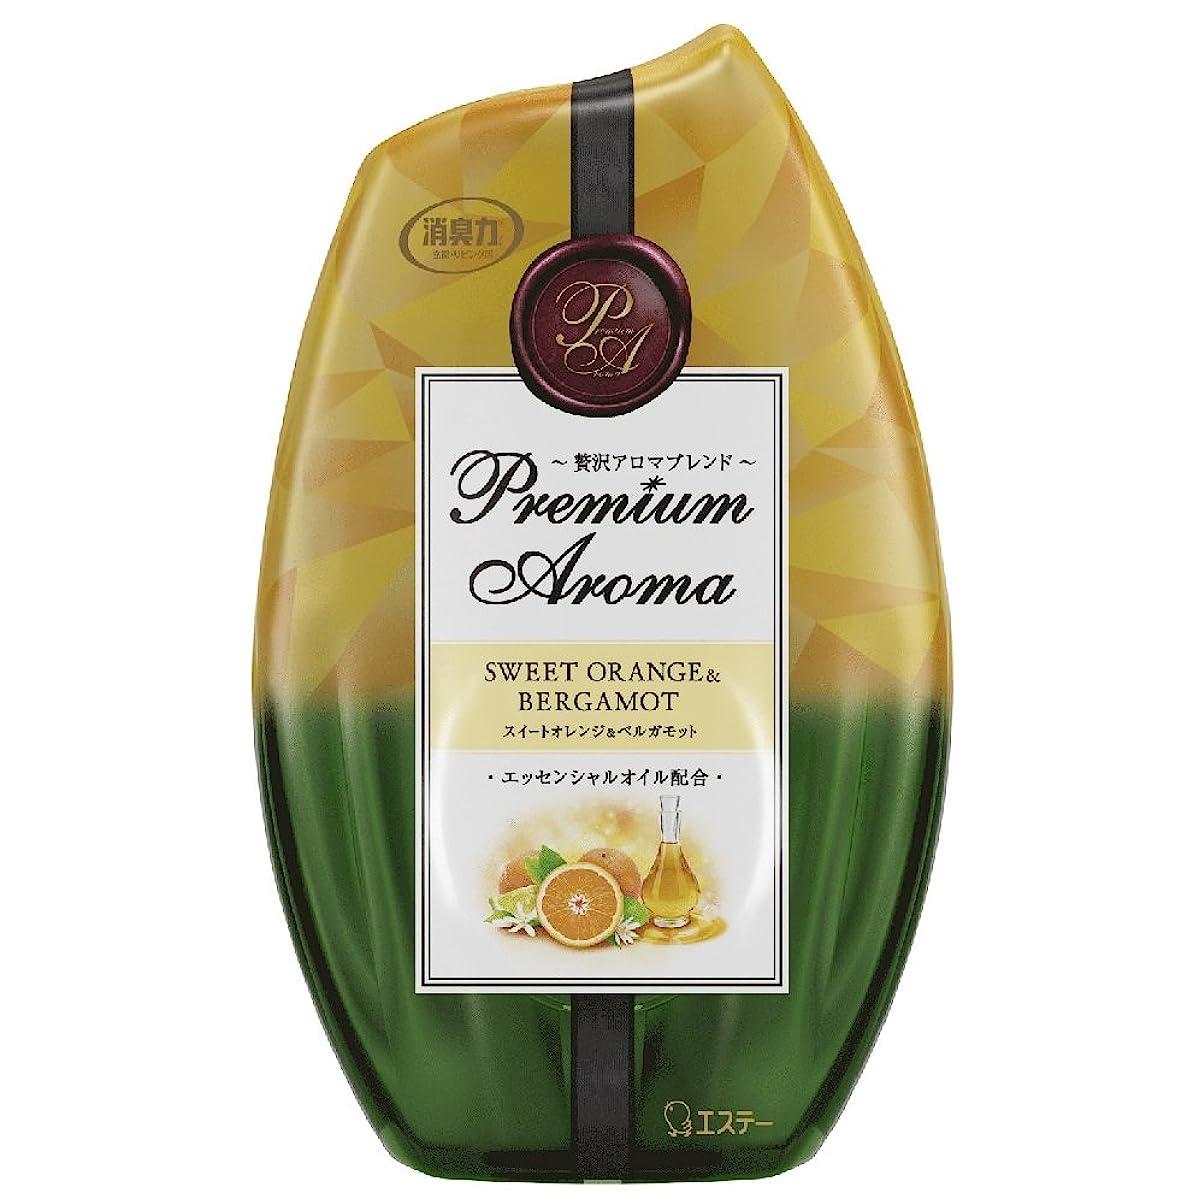 段階論理続編お部屋の消臭力 プレミアムアロマ Premium Aroma 消臭芳香剤 部屋用 部屋 スイートオレンジ&ベルガモットの香り 400ml